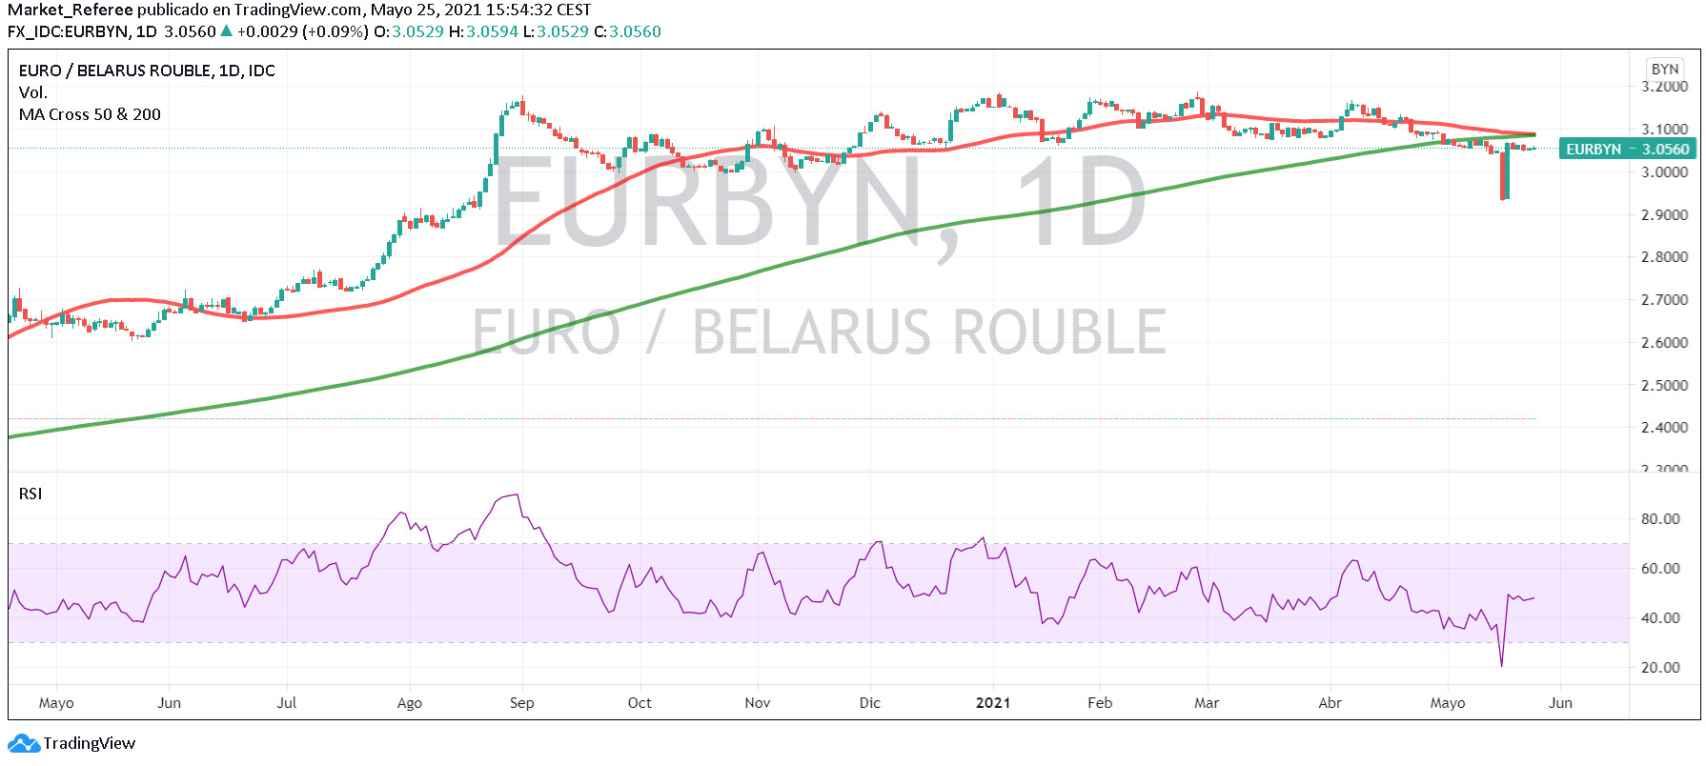 Evolución del euro frente al rublo bielorruso en el mercado de divisas.